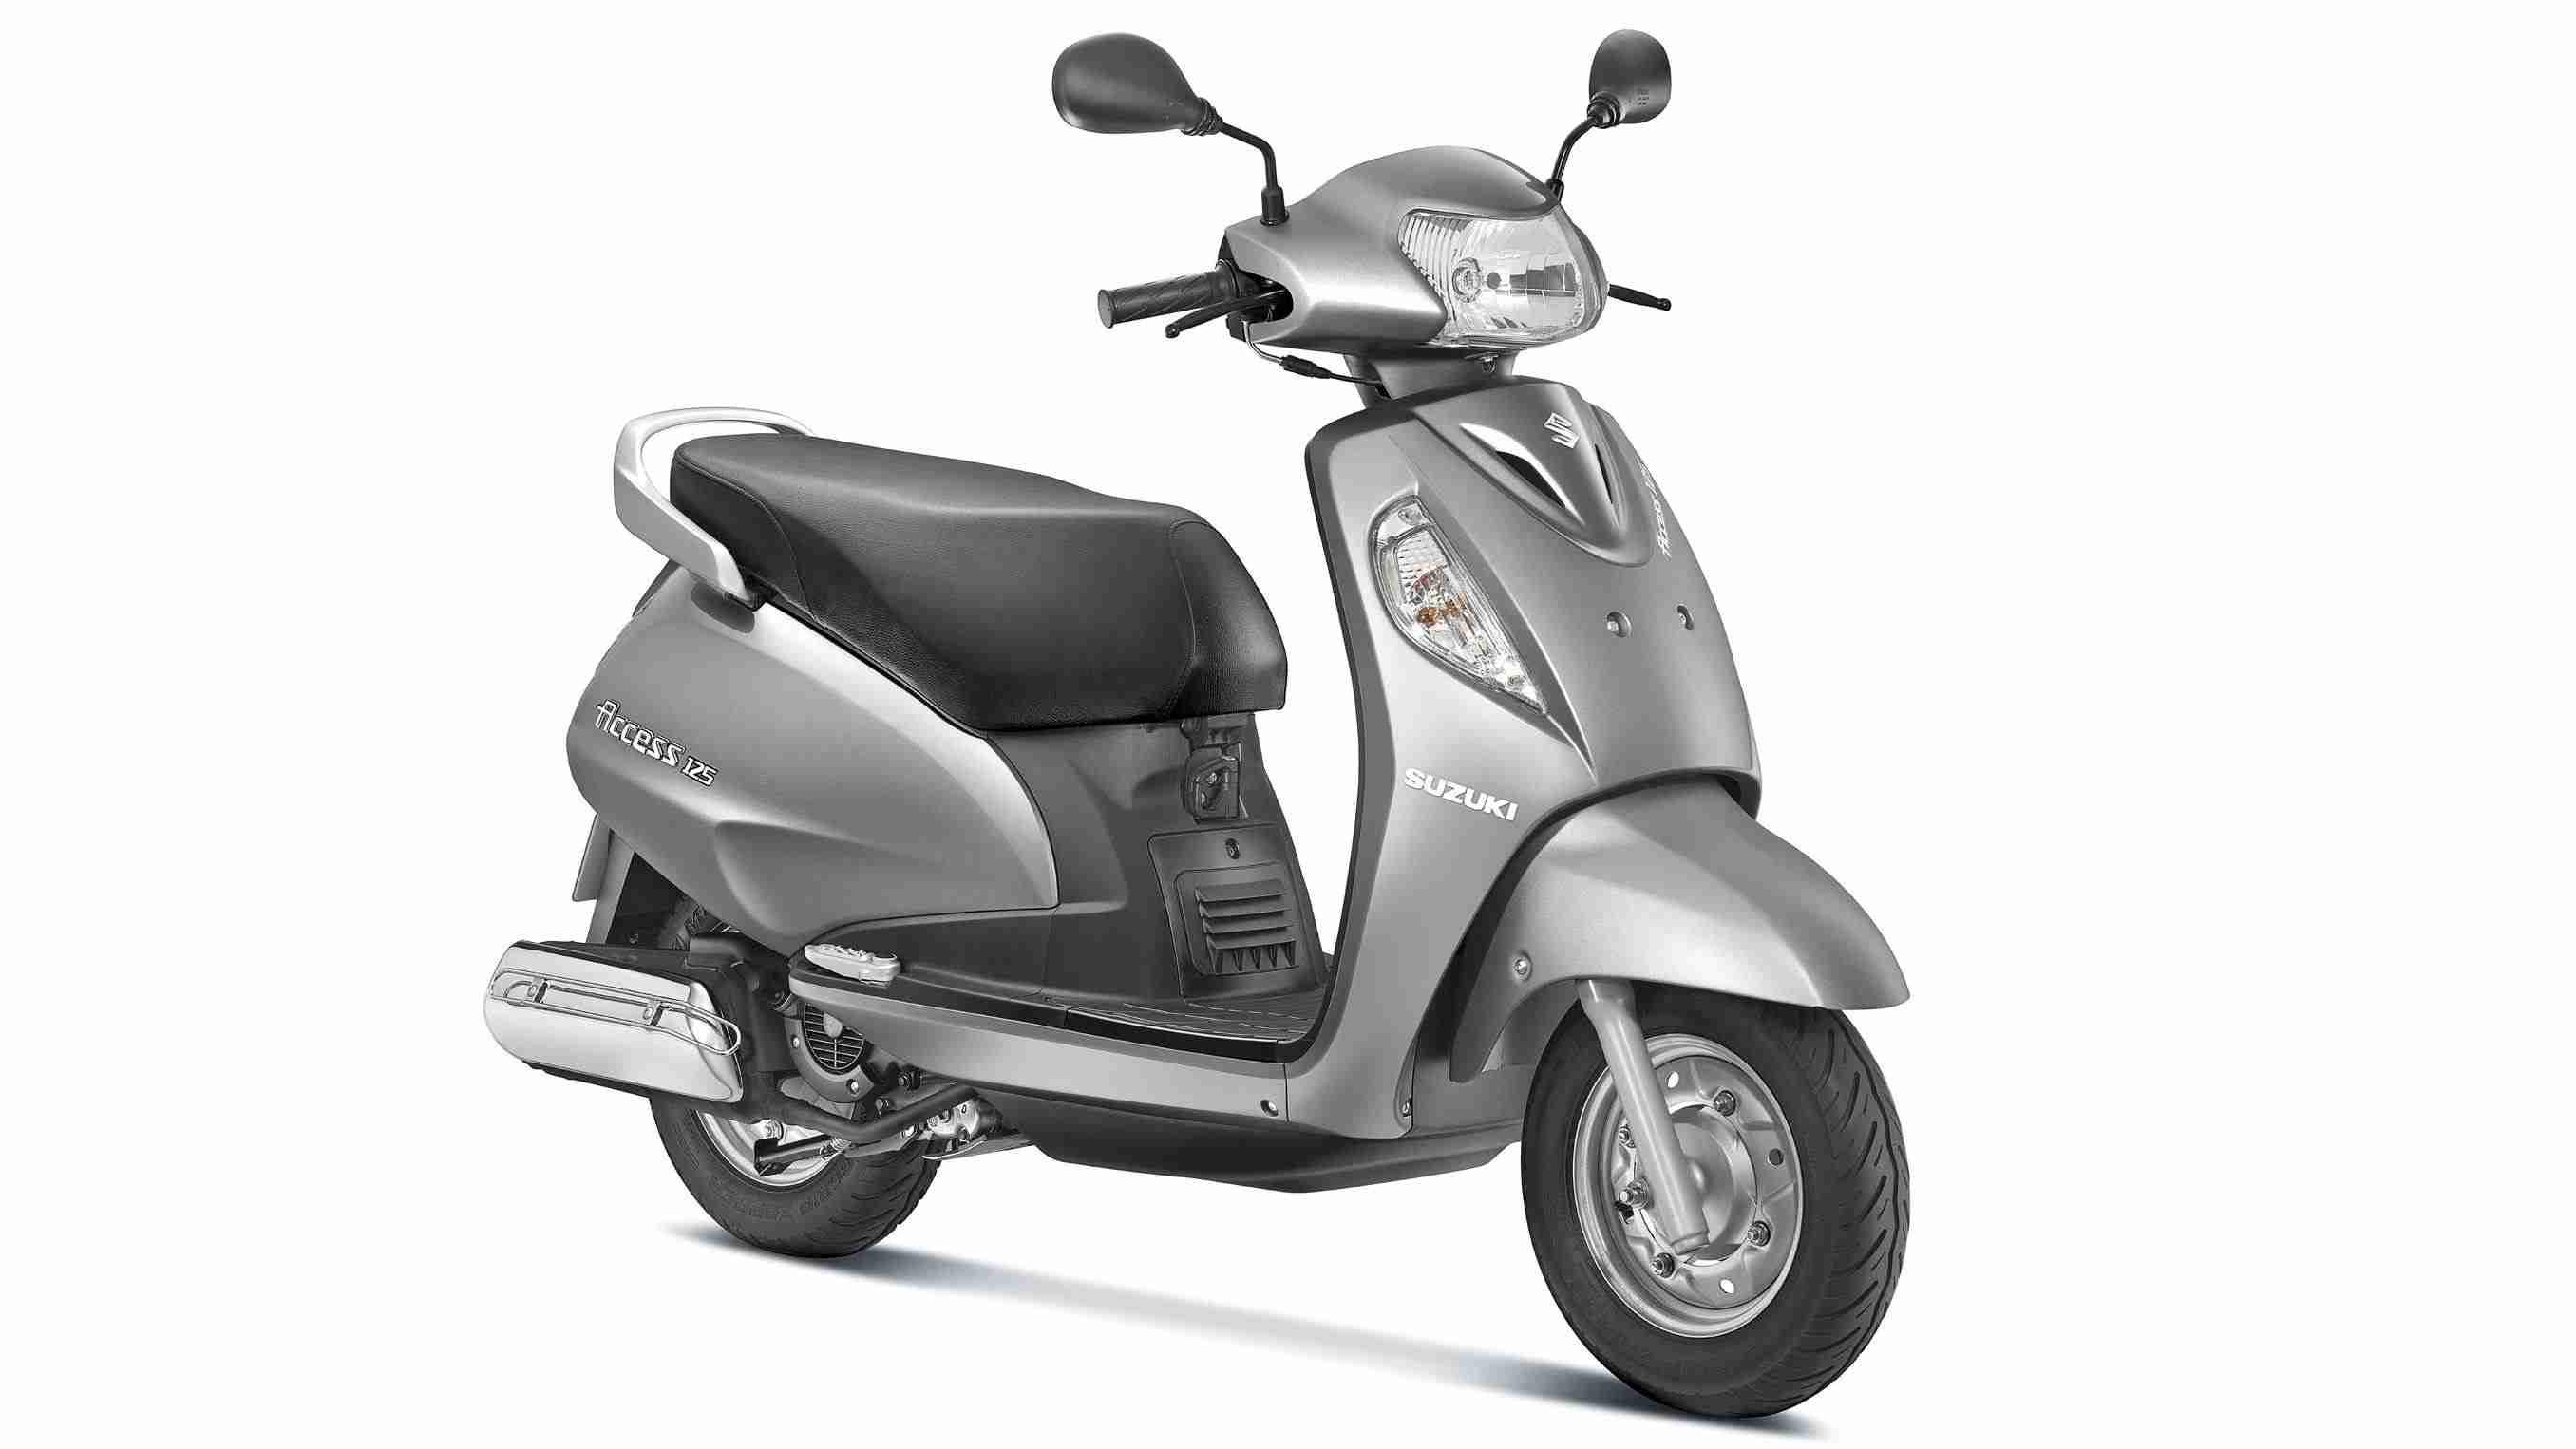 New 2014 Suzuki Access